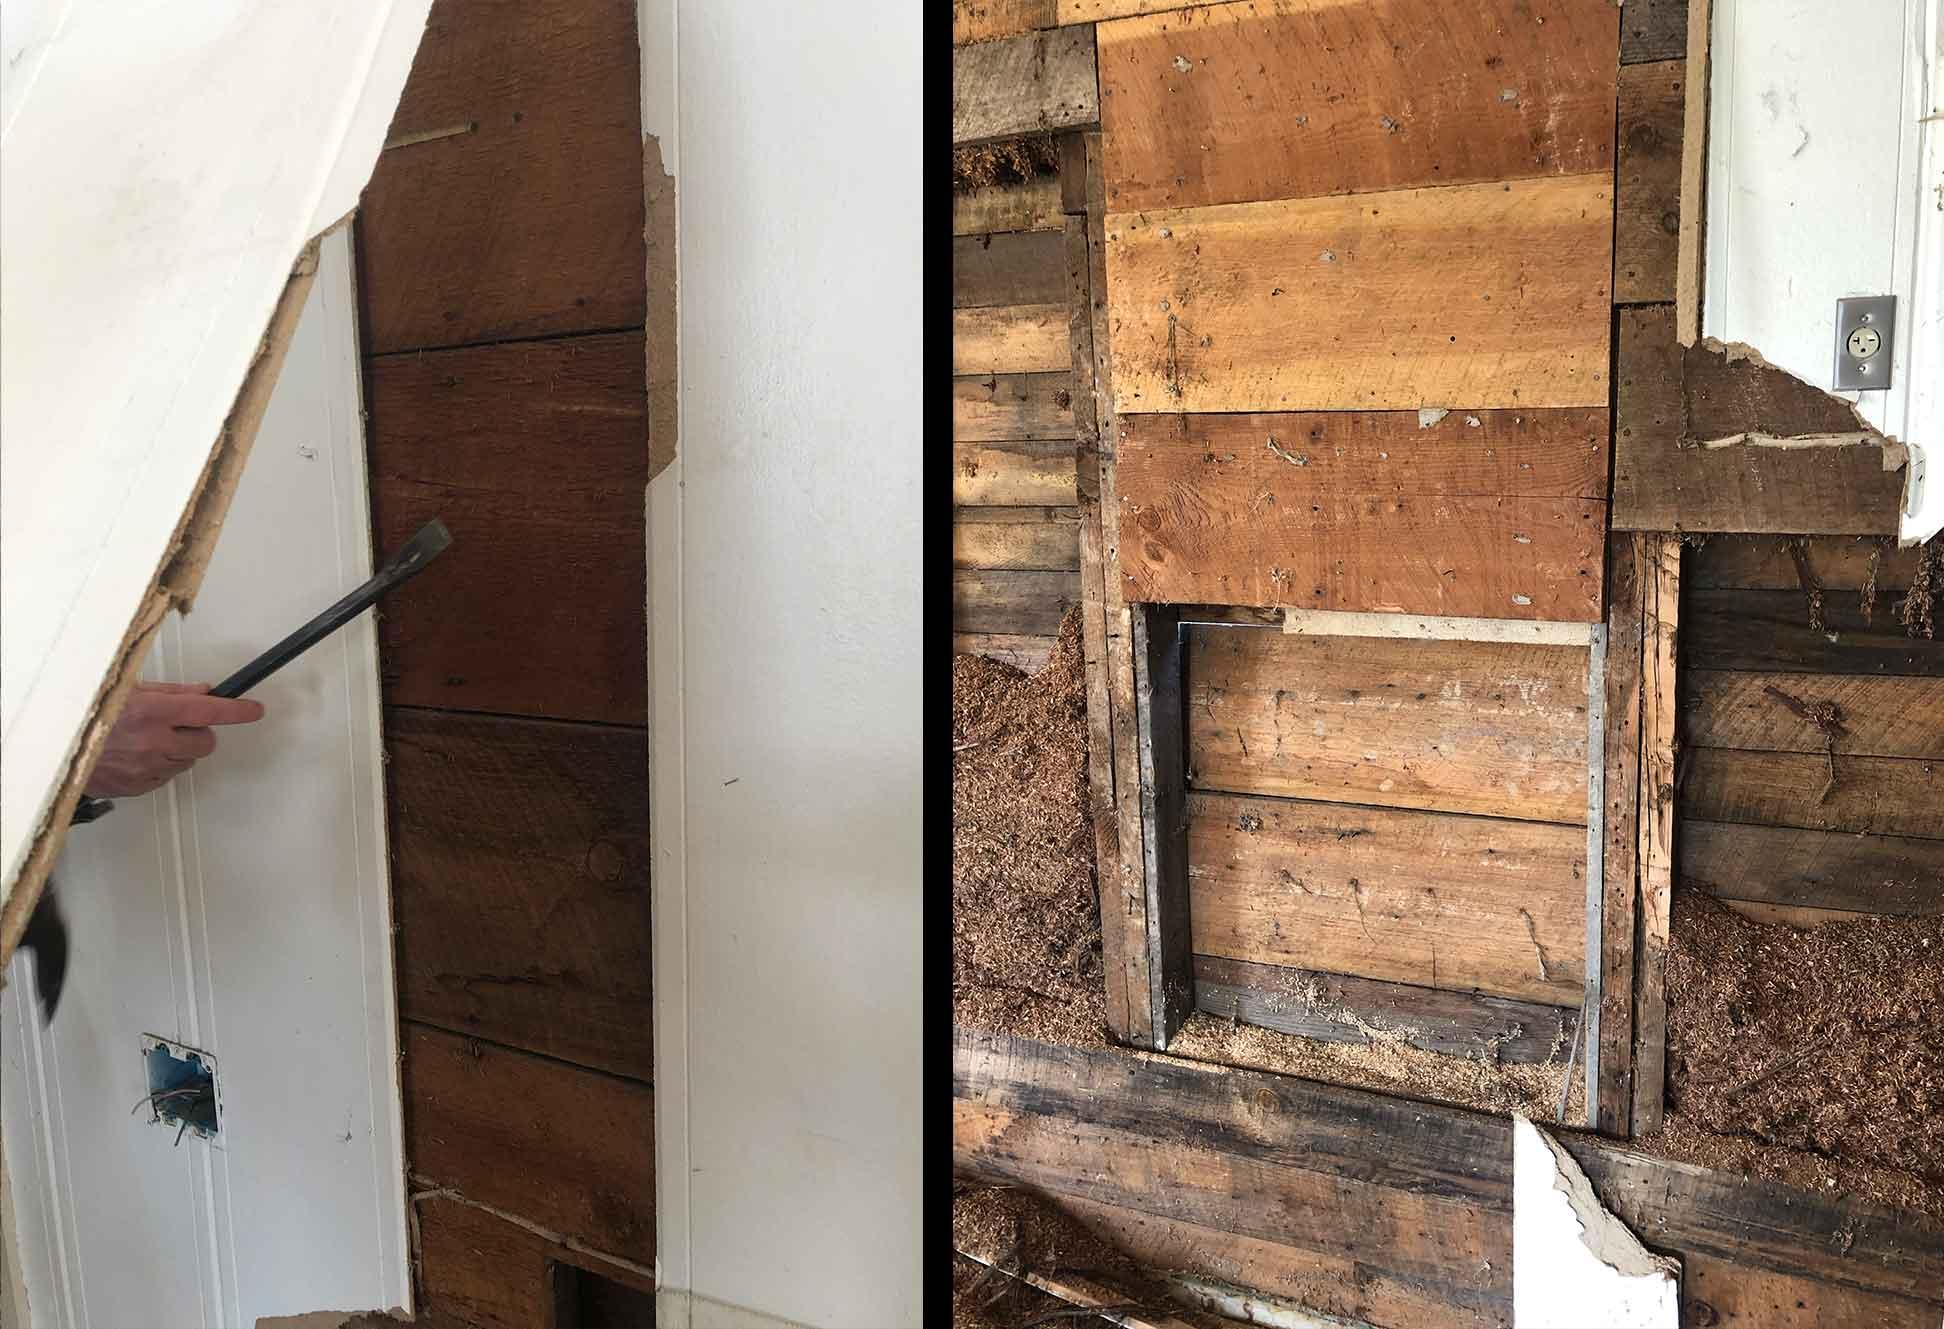 The Tilted Barn - Elsasser Home Walls